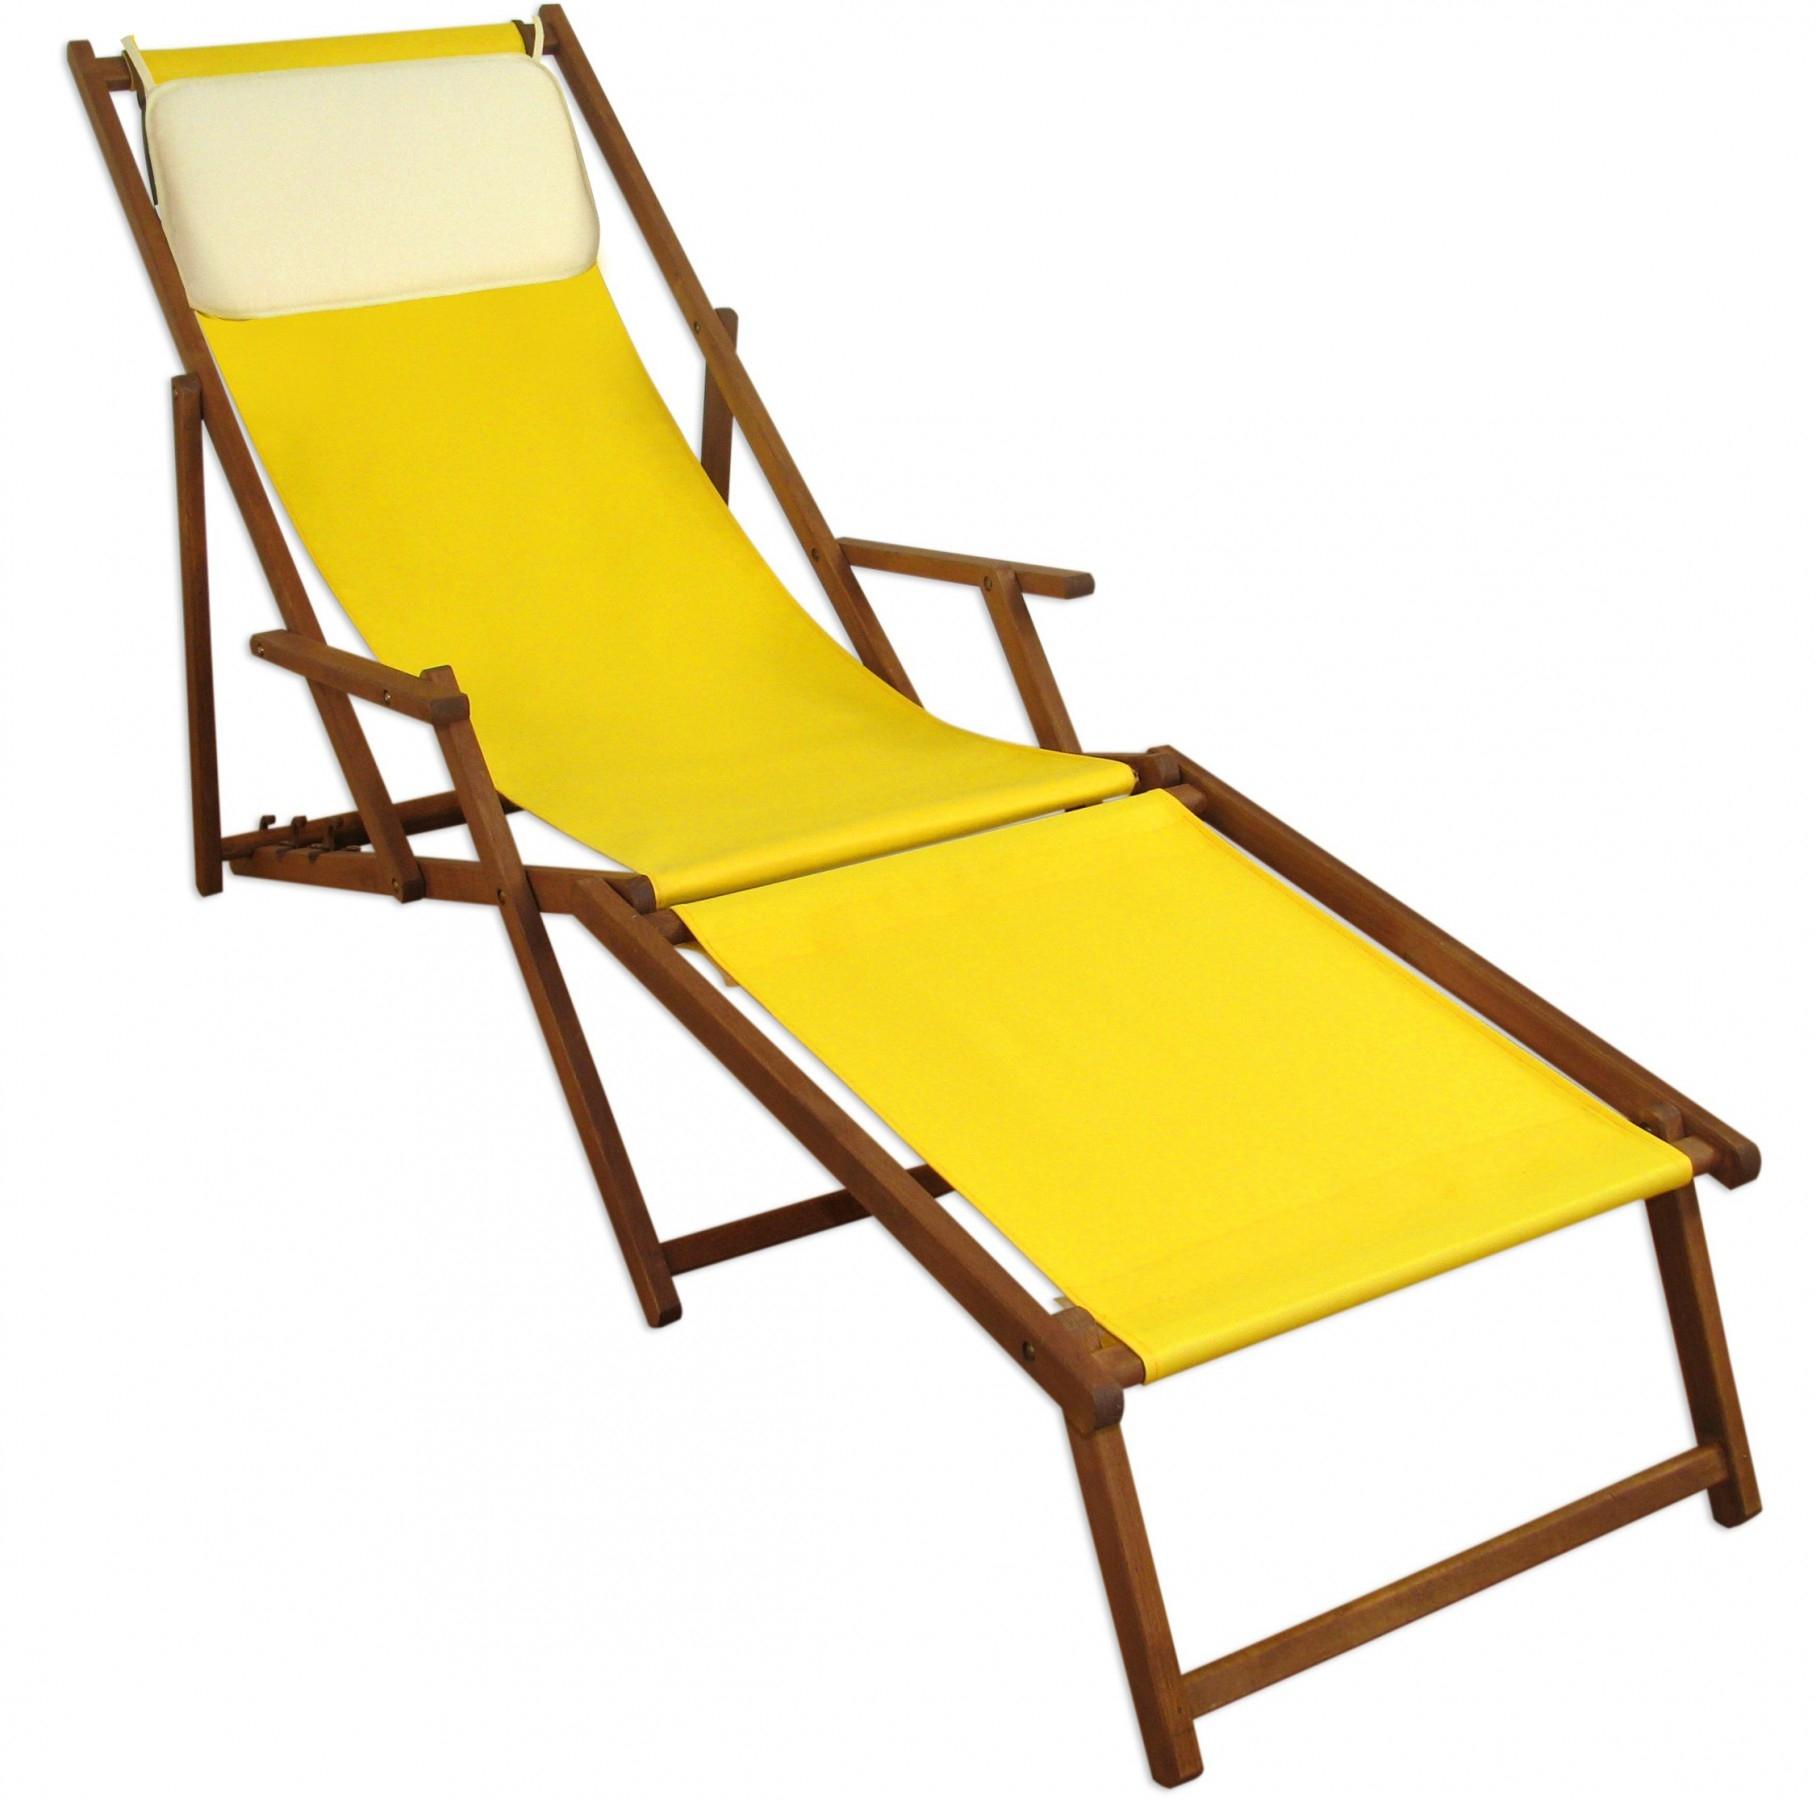 Full Size of Liegestuhl Holz Wetterfest Garten Balkon Auflage Klappbar Gelb Fuablage U Kissen Deckchair Sonnenliege Wohnzimmer Liegestuhl Wetterfest